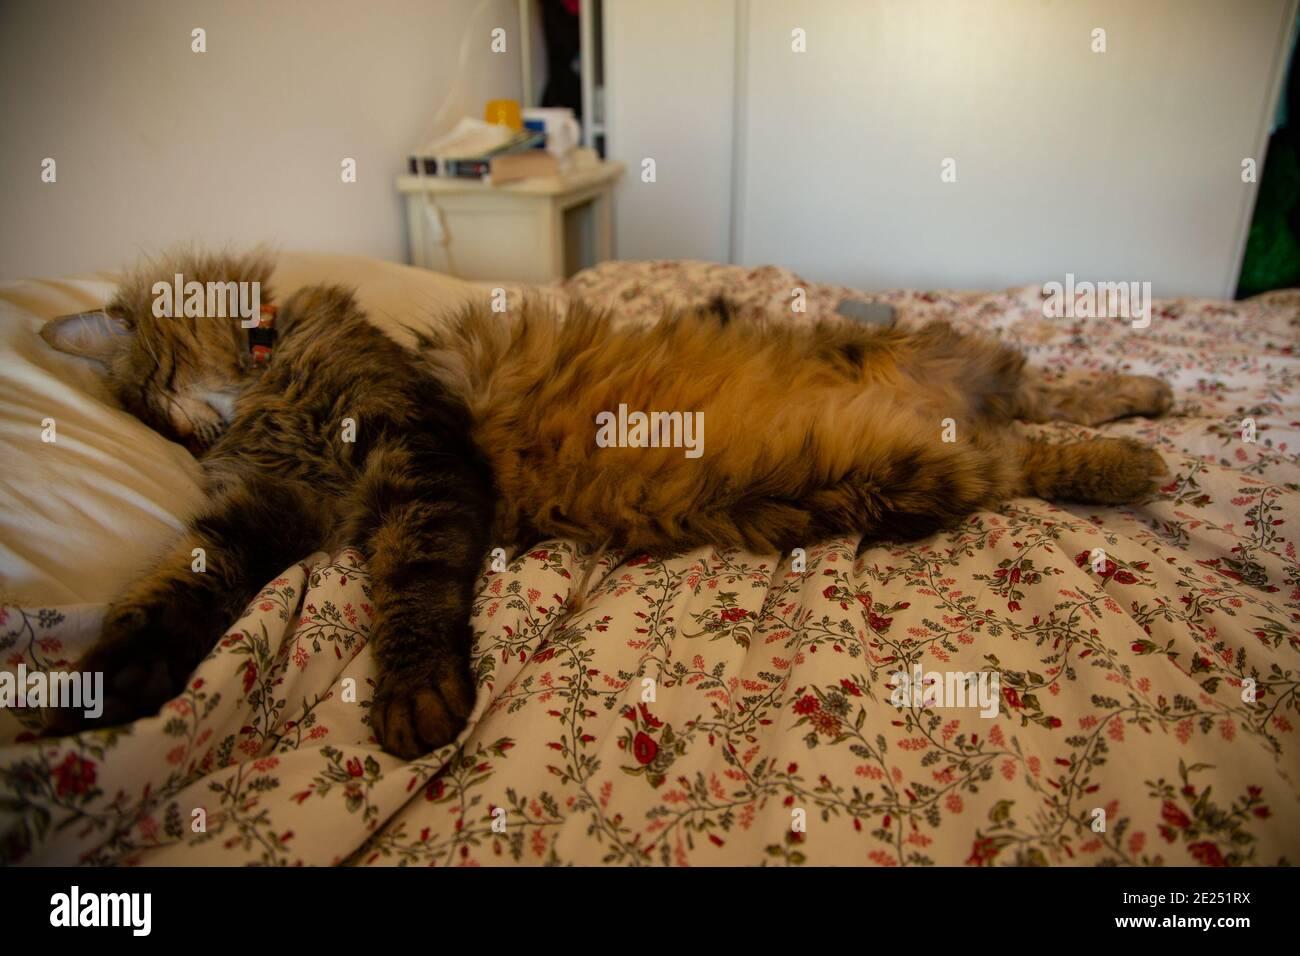 Gato durmiendo en una posición incómoda. Foto de stock